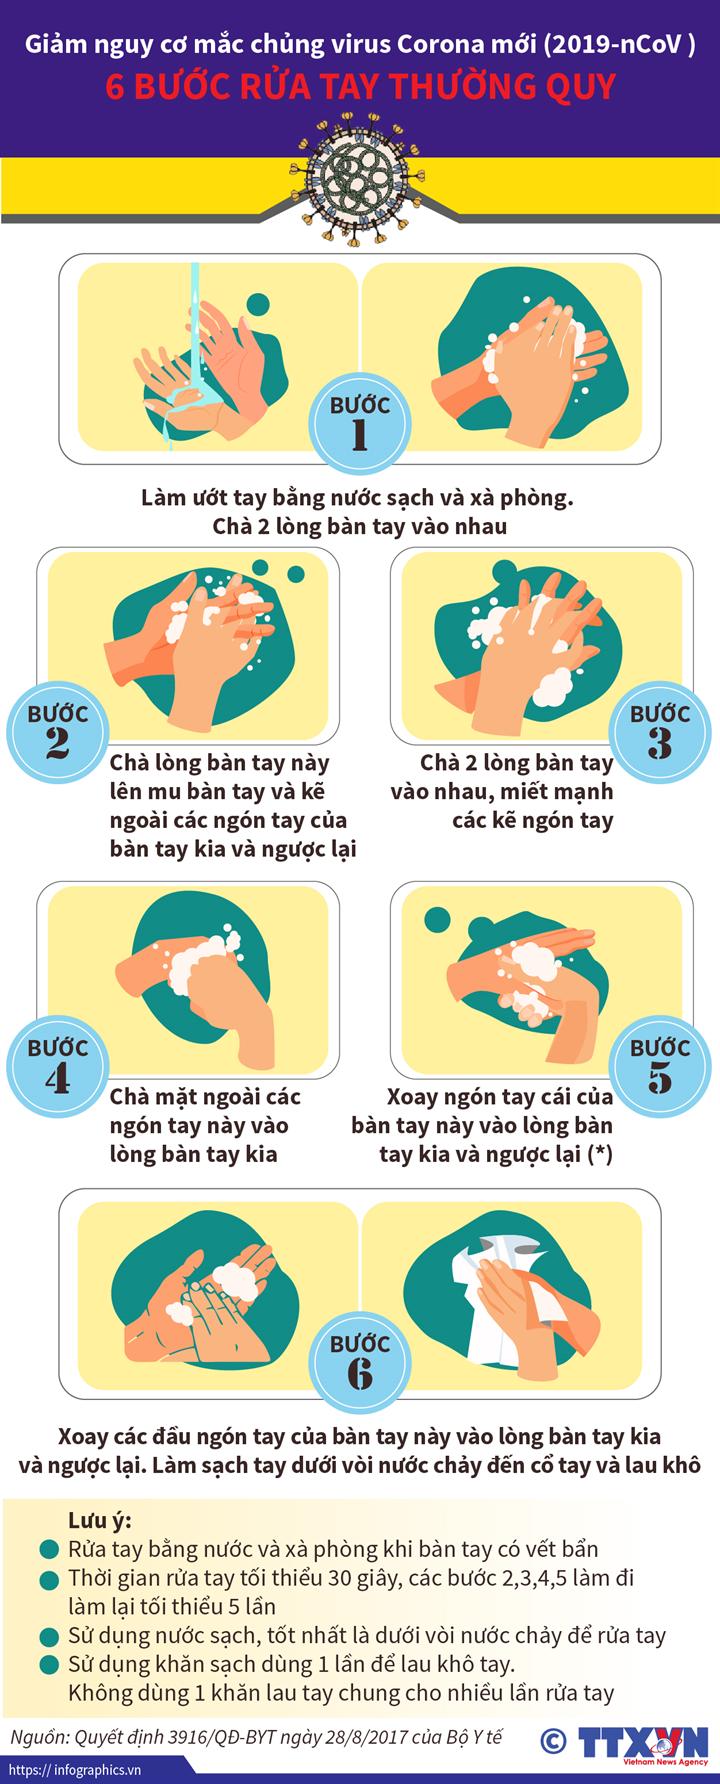 Giảm nguy cơ mắc chủng virus Corona mới (2019-nCoV): 6 bước rửa tay thường quy